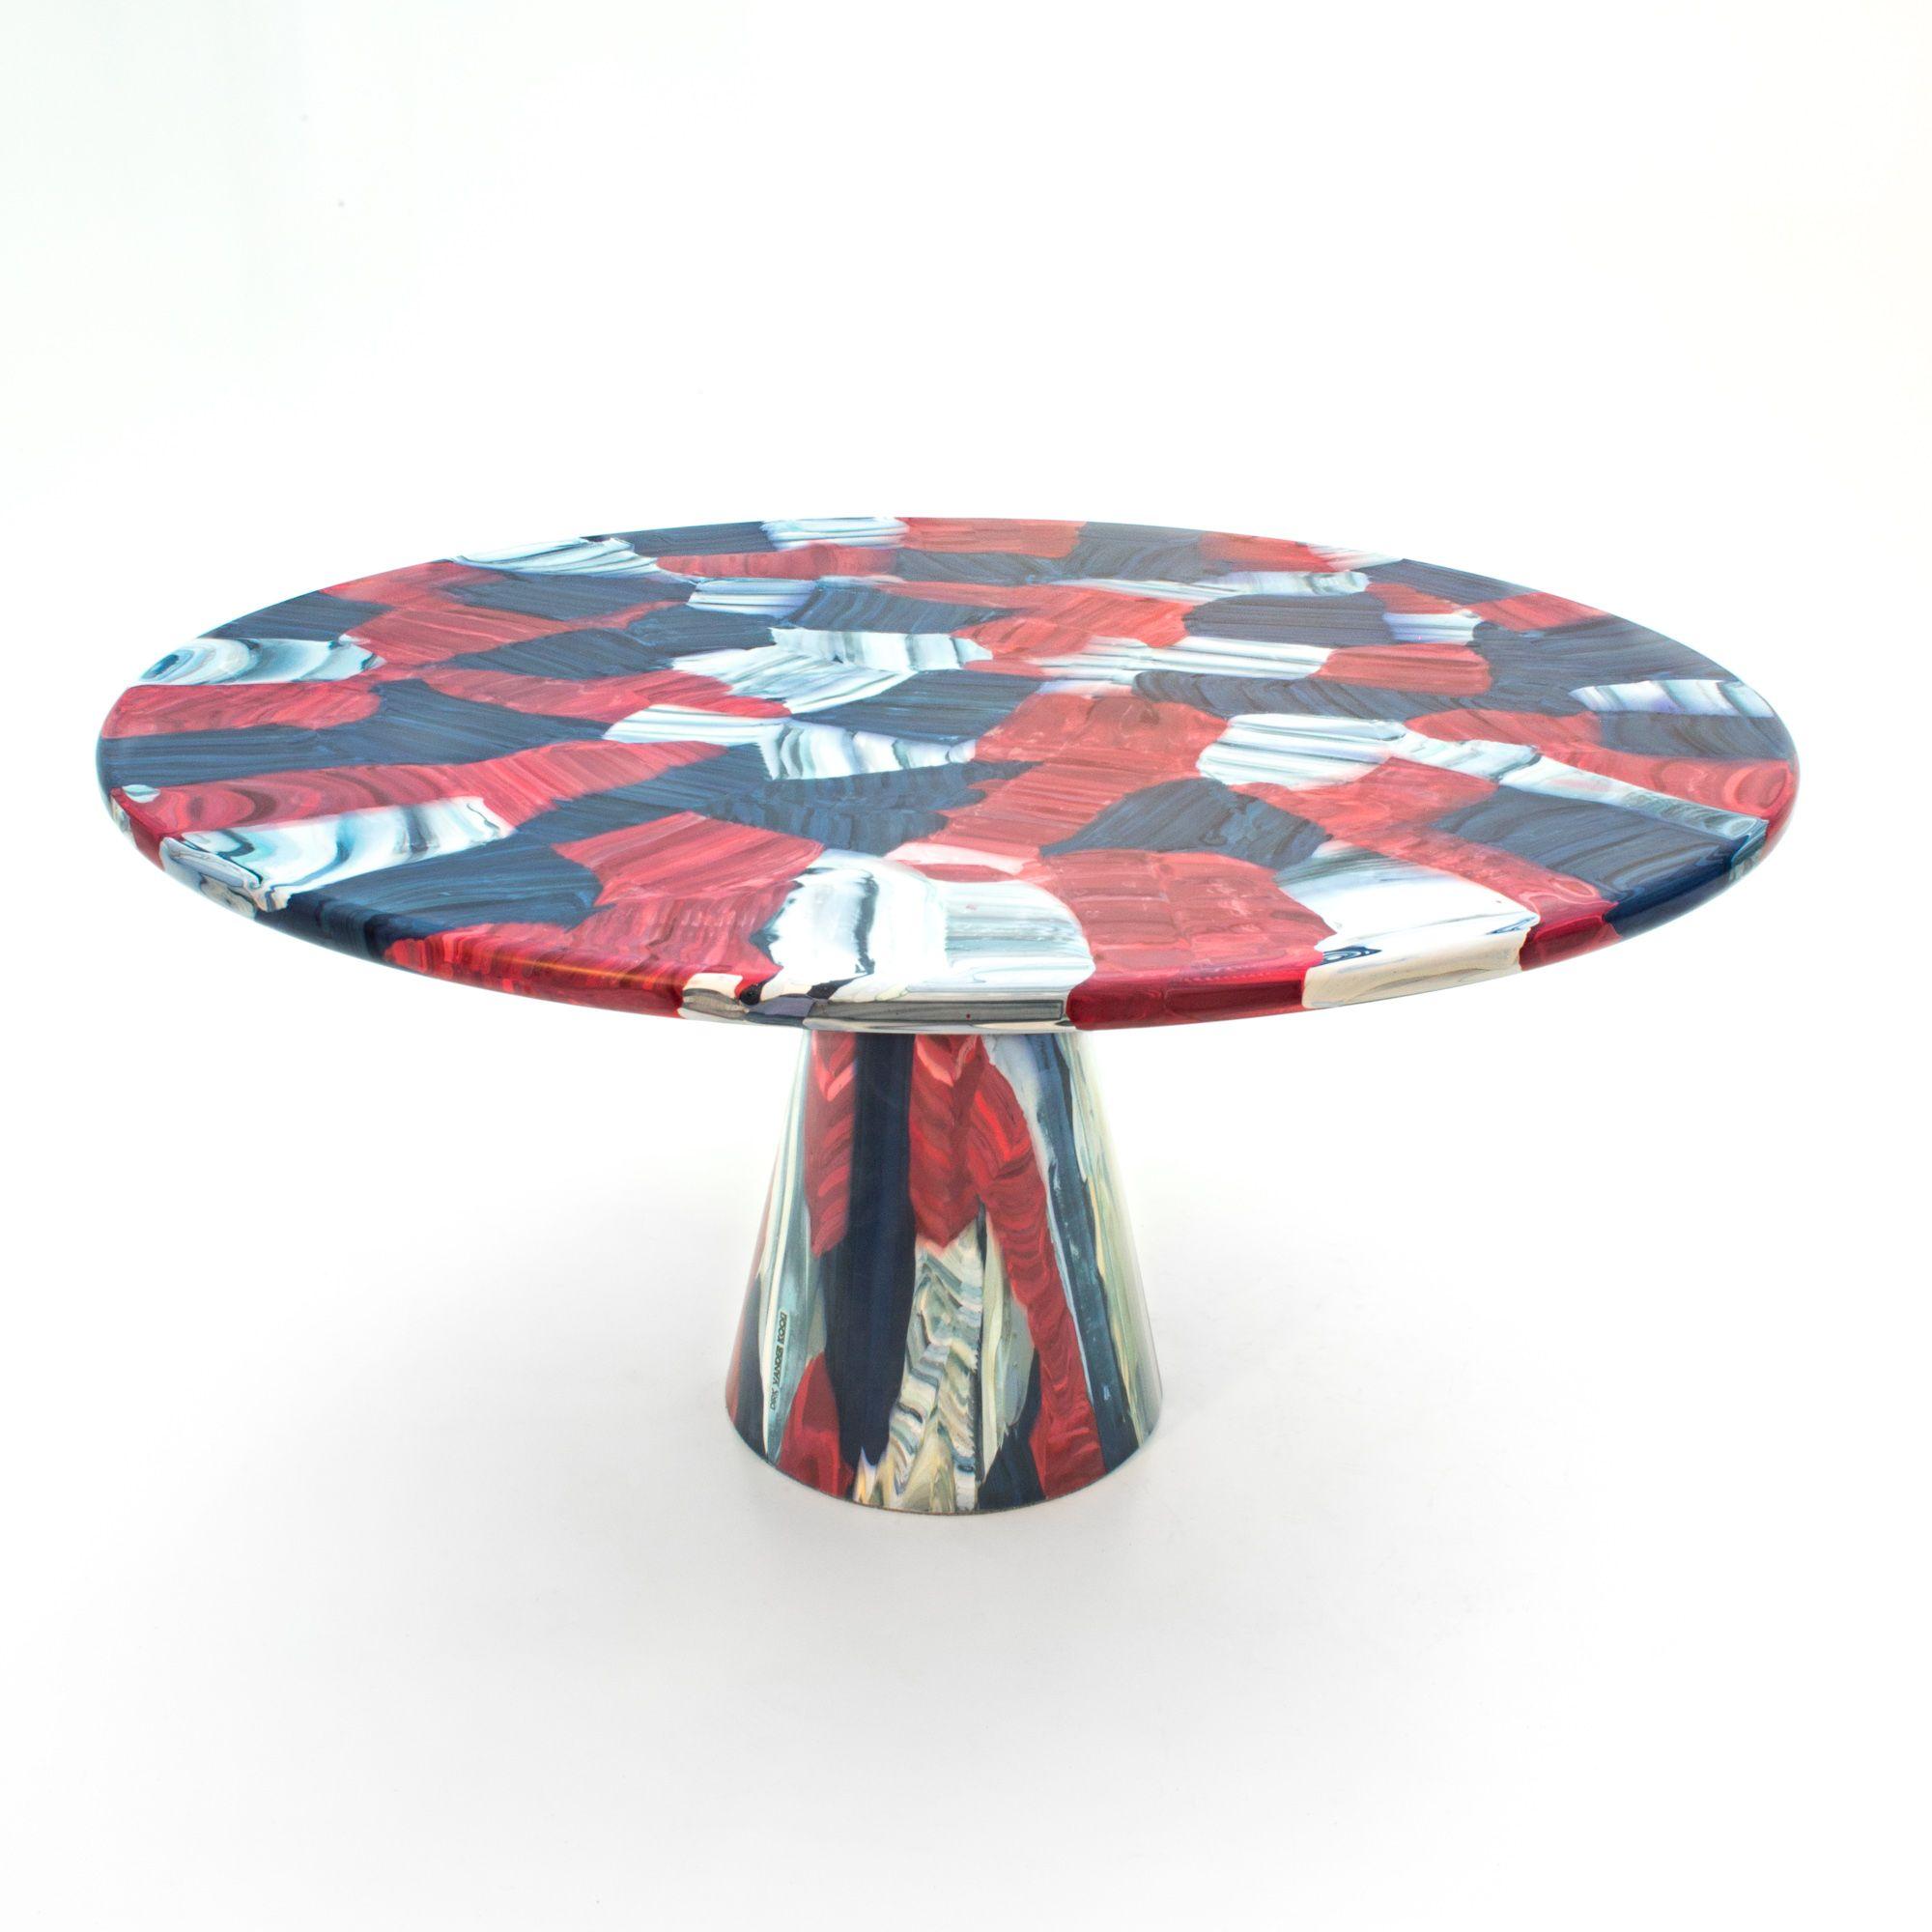 c90a222d320ea57b1a4c54ba7453ed00 Meilleur De De Rallonge De Table Synonyme Schème